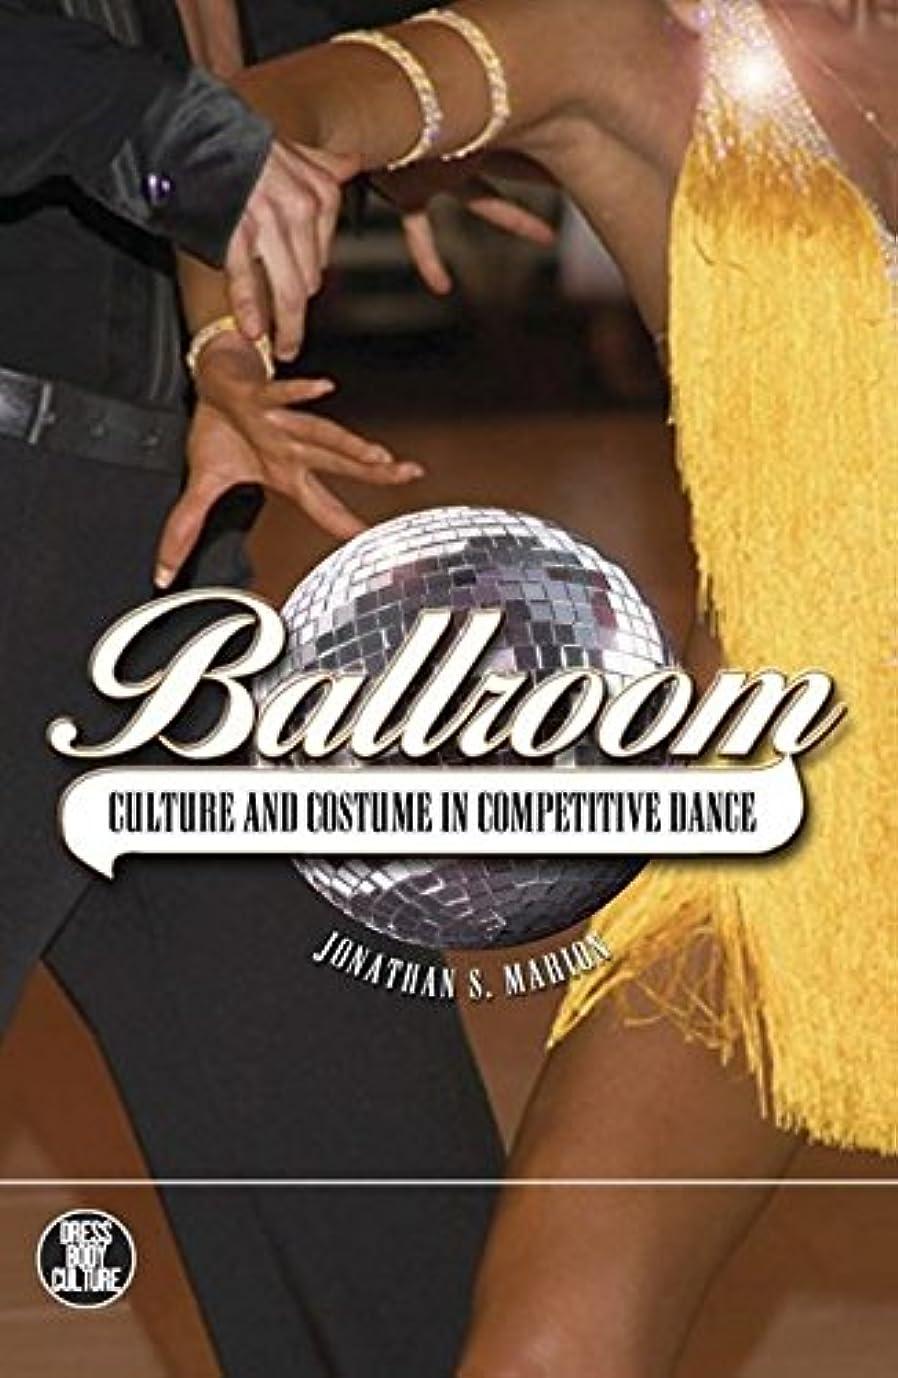 入場ブルーム嘆くBallroom: Culture and Costume in Competitive Dance (Dress, Body, Culture)